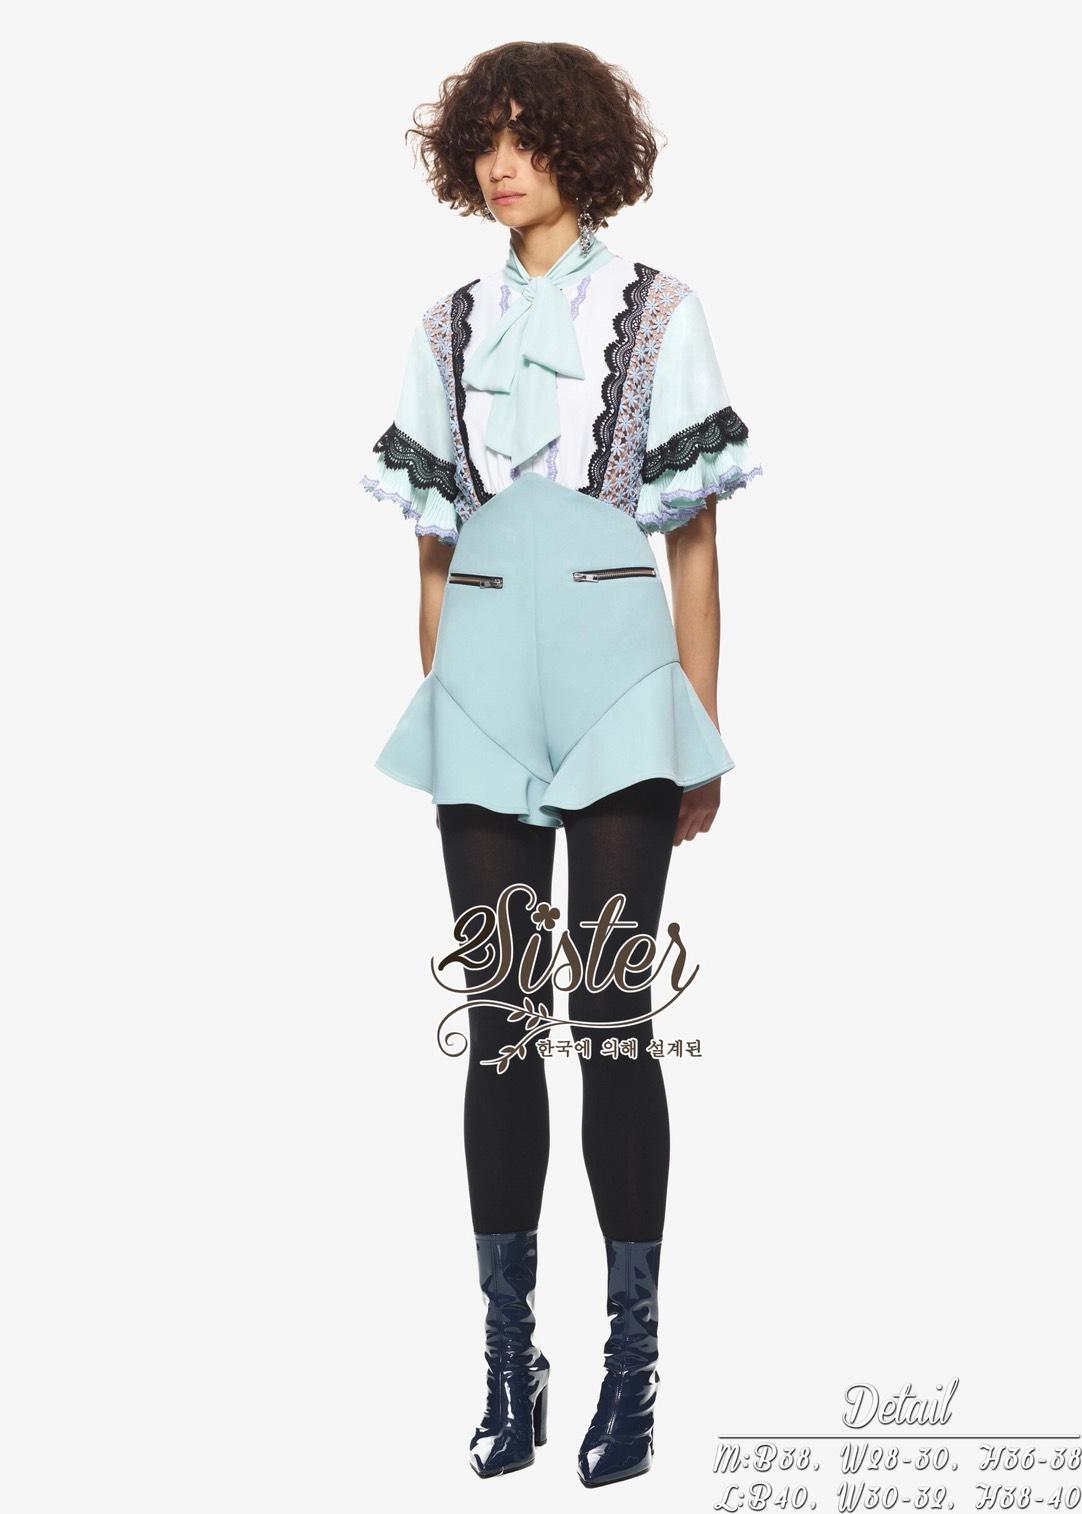 ชุดเซทแฟชั่น เซ็ทเสื้อ+กางเกงงานสไตล์แบรนด์ดัง ตัวเสื้อผ้า chiffon แต่งผ้าลูกไม้สวย